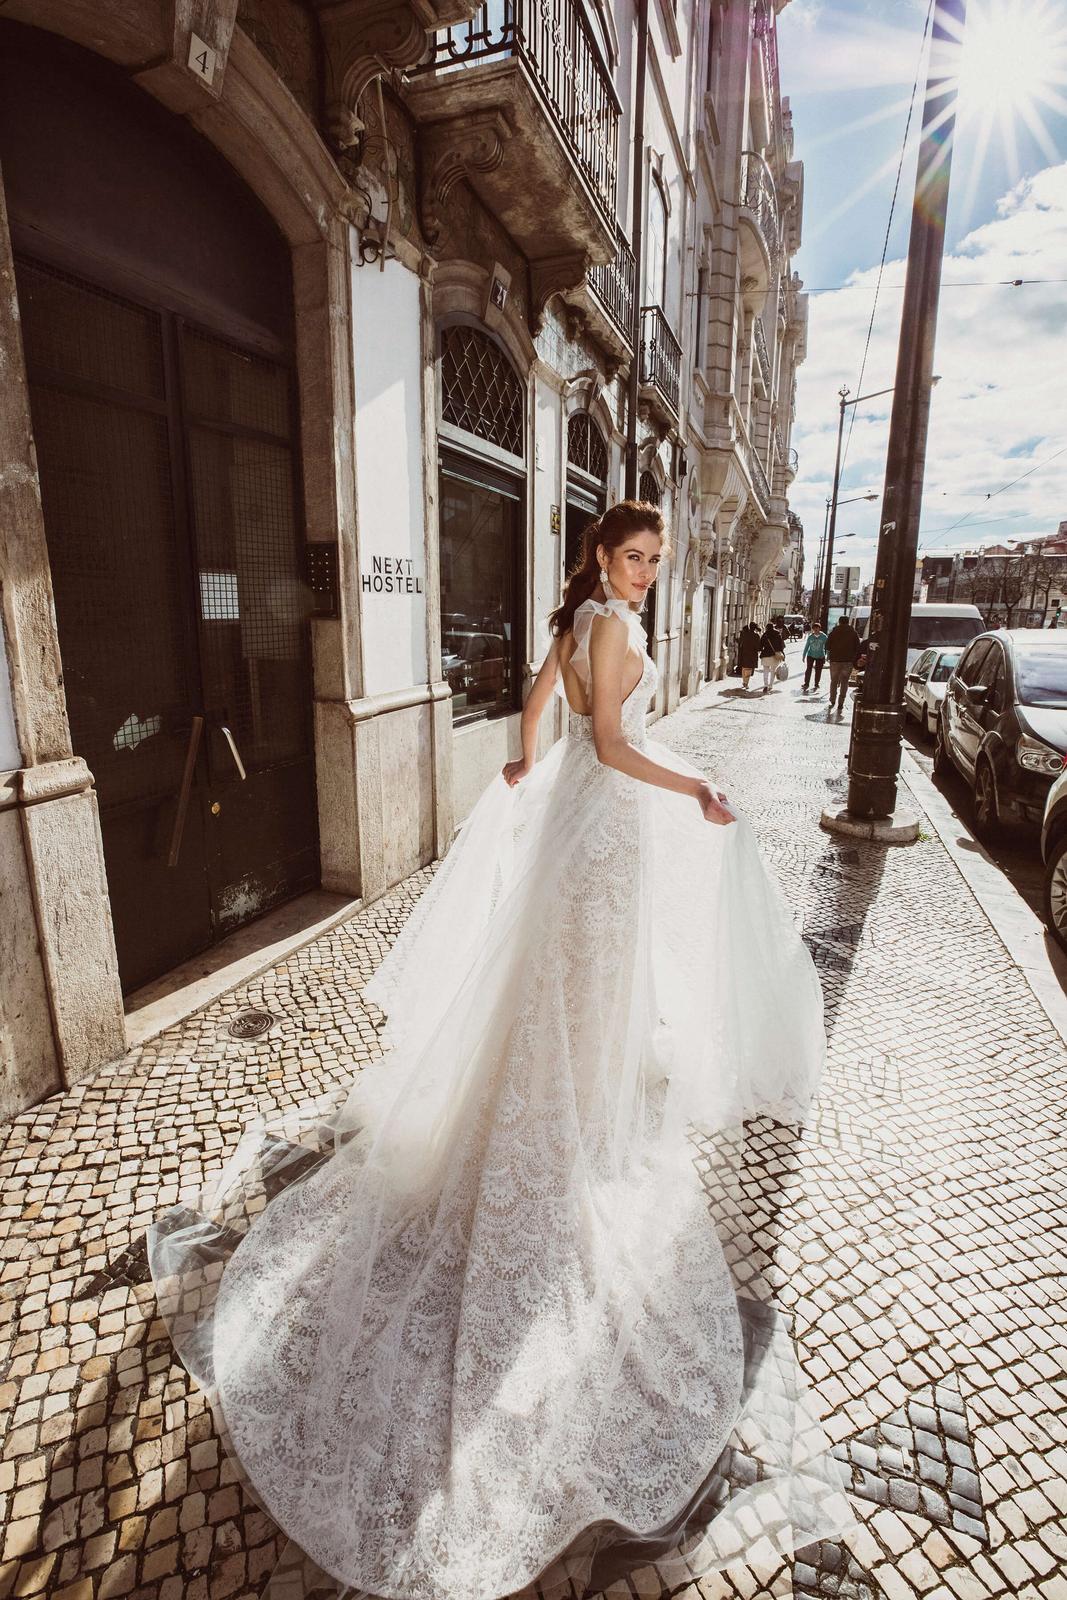 Innocentia Divina 2019 * Svadobné šaty z kolekcií na rok 2019 - Obrázok č. 11